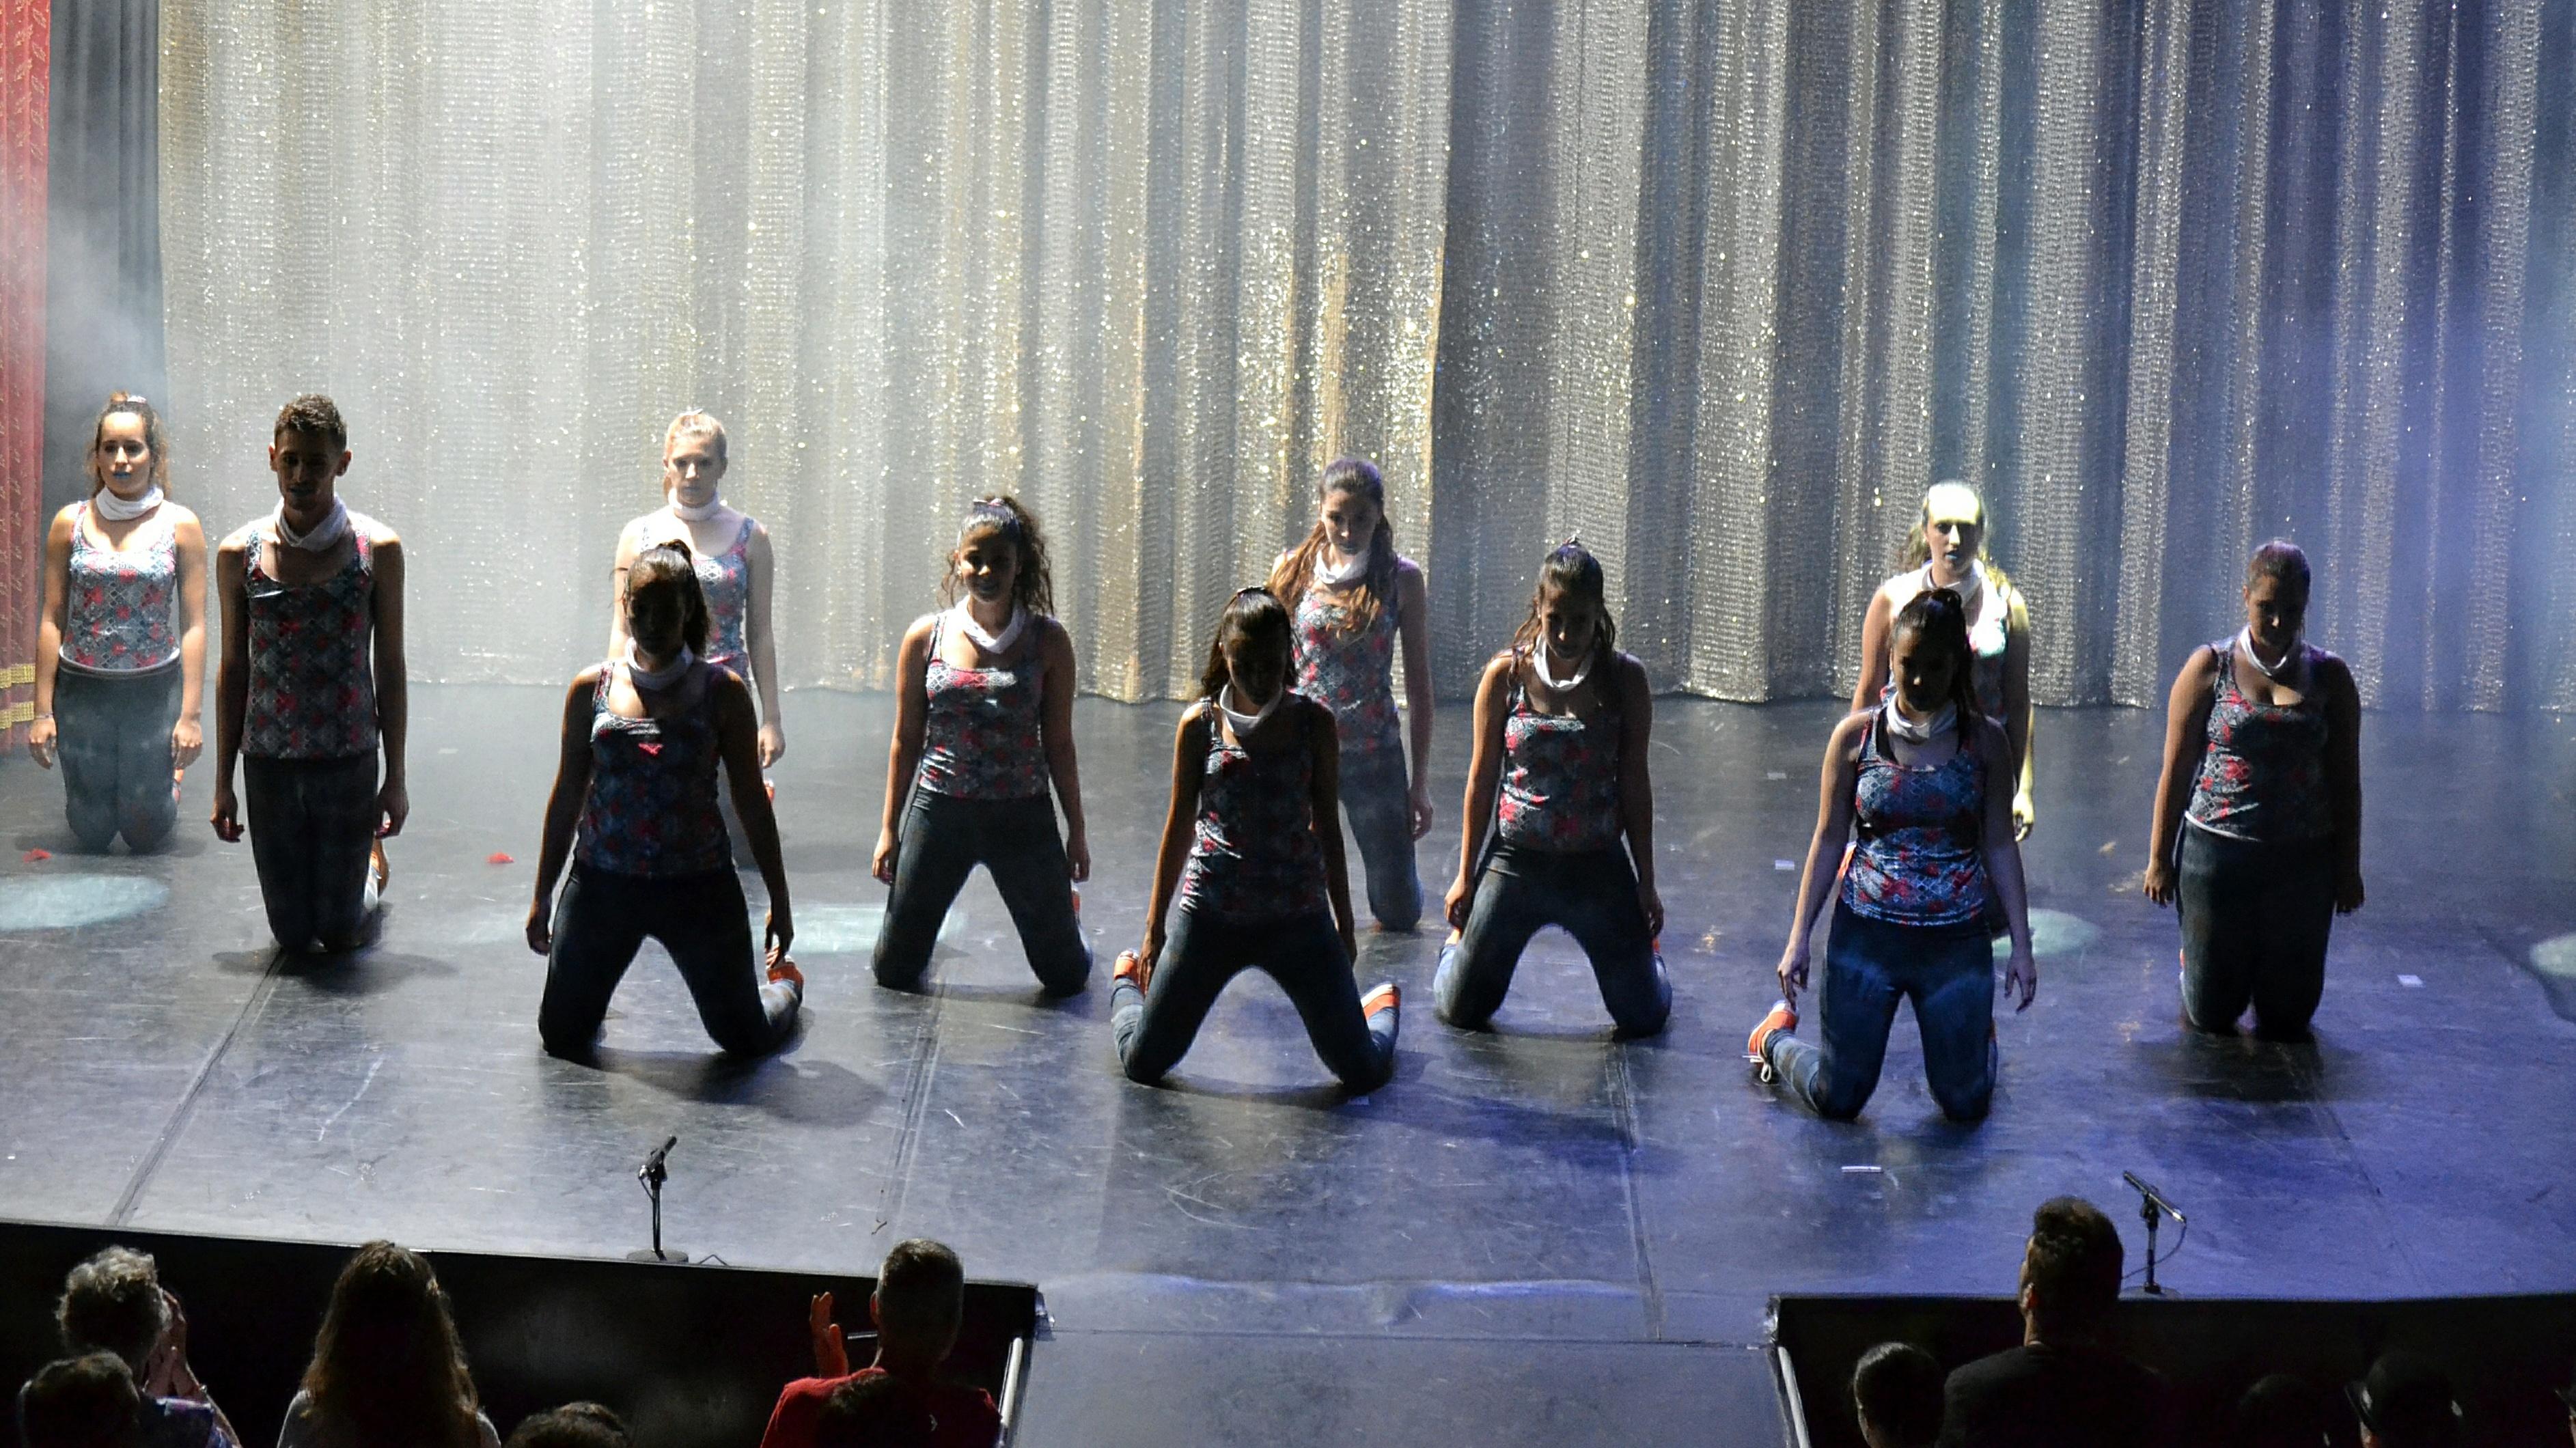 Linea-de-Baile-festival-verano-2015-clases-de-baile-valencia-1